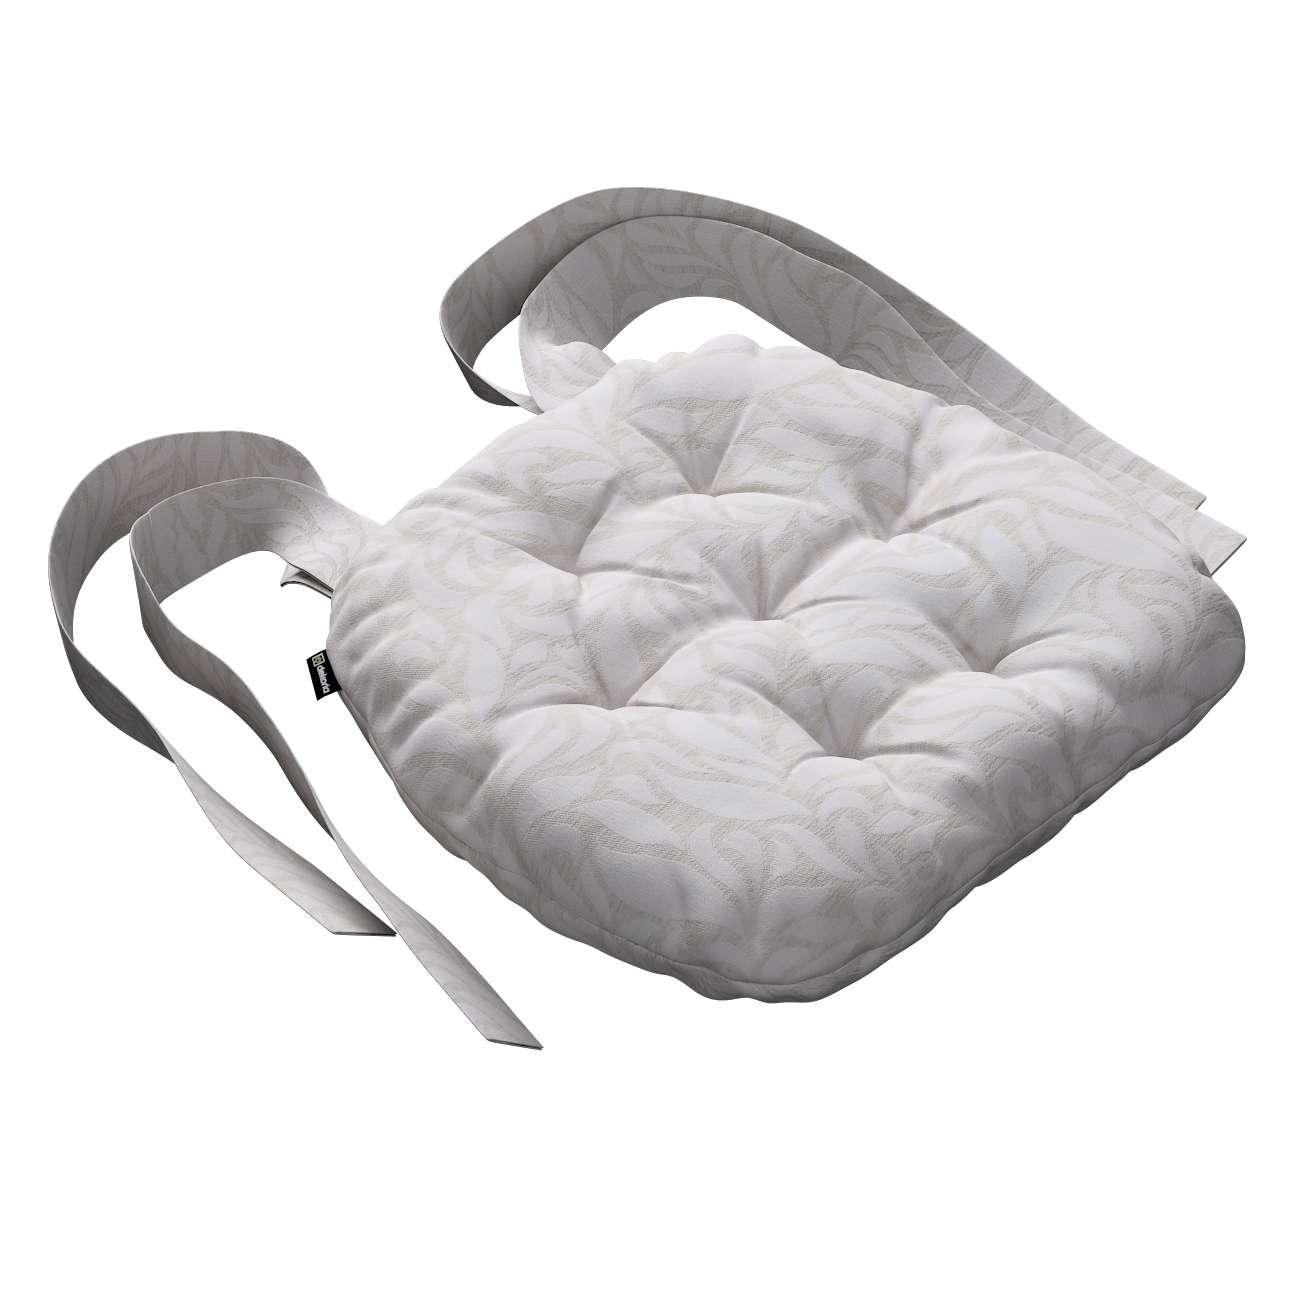 Kėdės pagalvėlė Marcin (apvaliais kraštais) 40 x 37 x 8 cm kolekcijoje Venice, audinys: 140-50